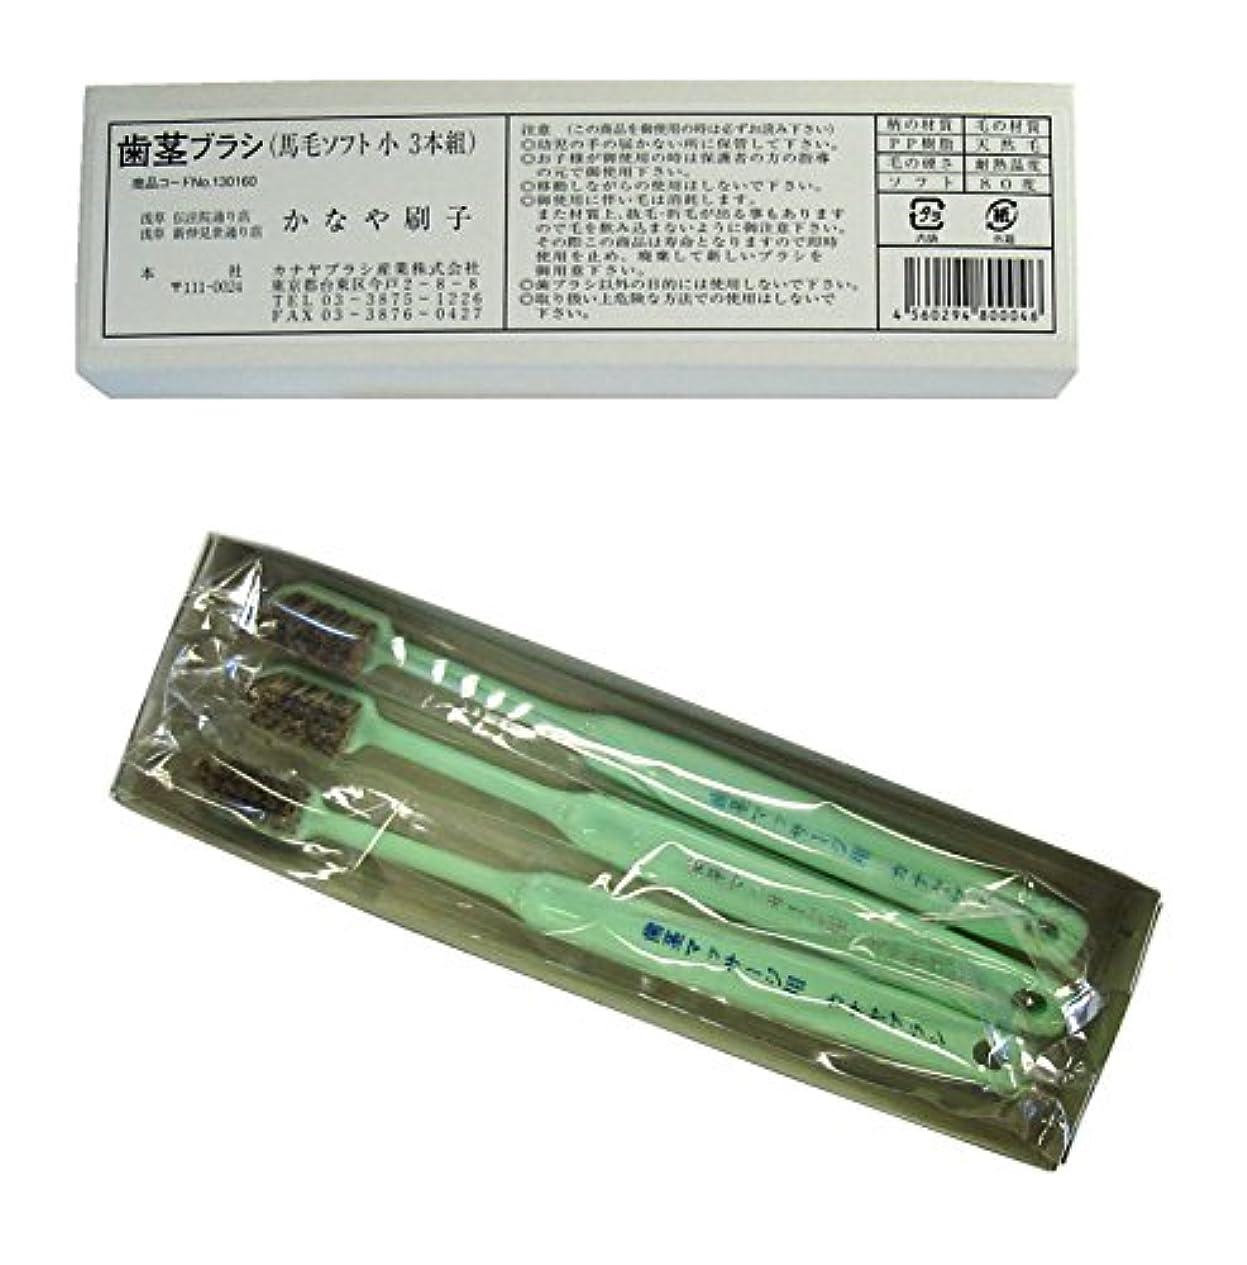 人類したい手書き馬毛歯茎ブラシ(3本入り) 絶品! カナヤブラシ製品 毛質:超ソフト